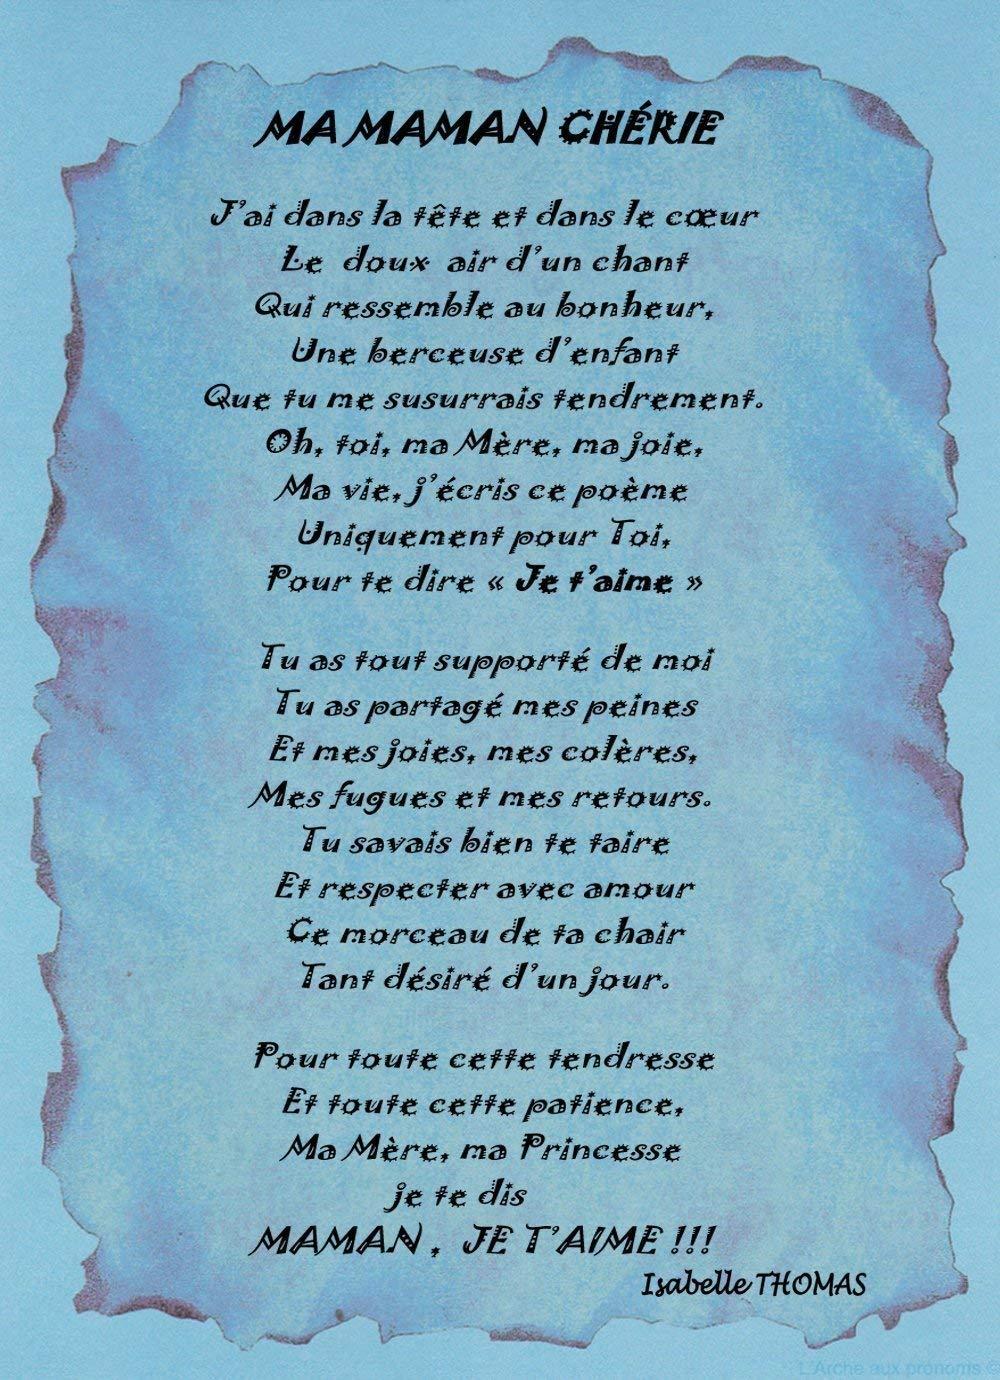 Proverbe Damour Pour Sa Maman Poeme Damour Pour Sa Maman